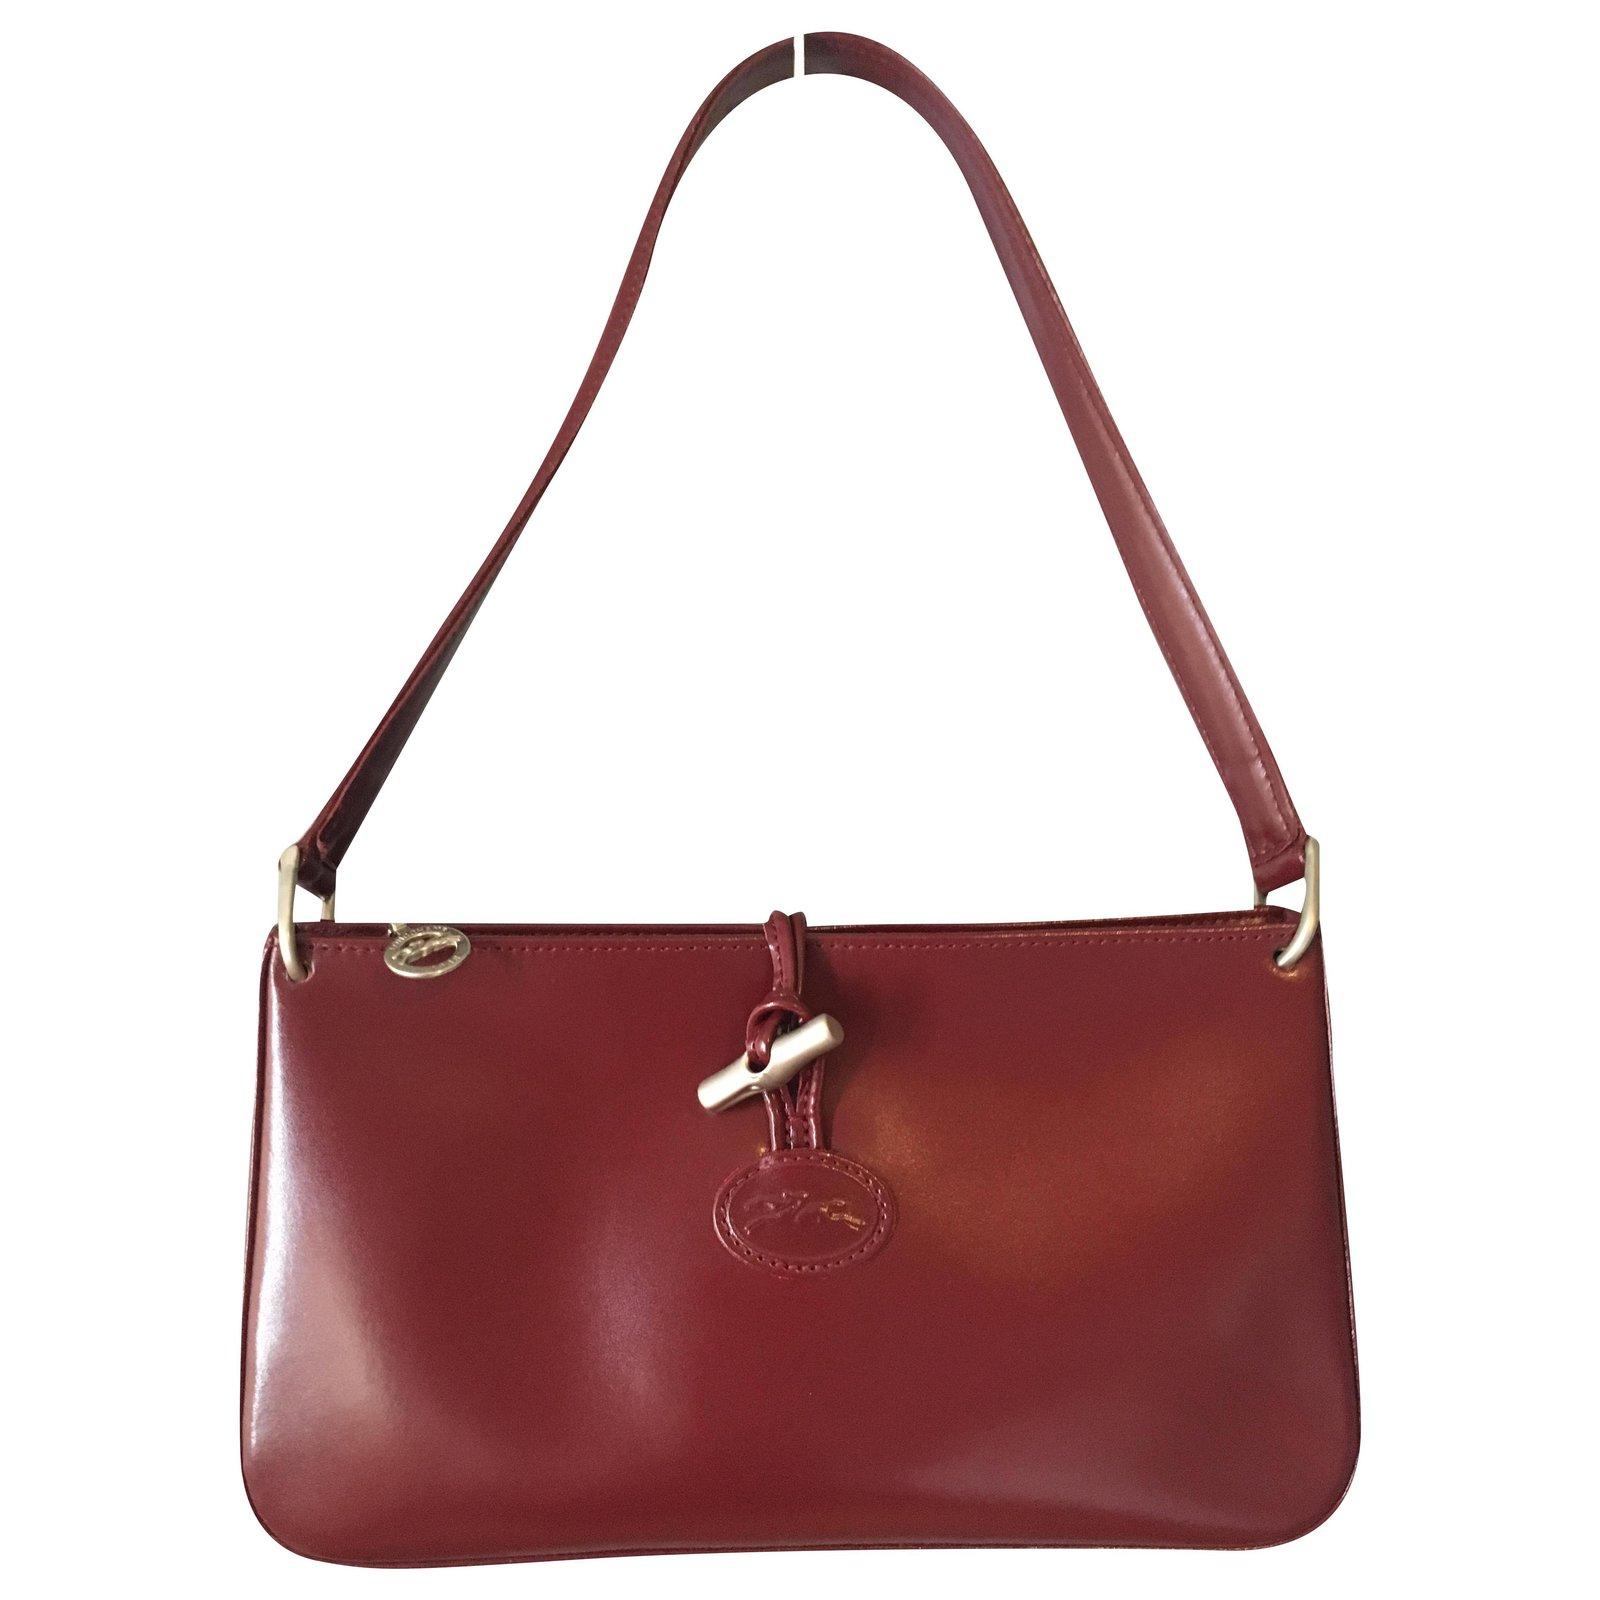 Sac Longchamp vintage, modèle Roseau, en cuir de vachette dans les tons  fuchsia foncé / bordeaux